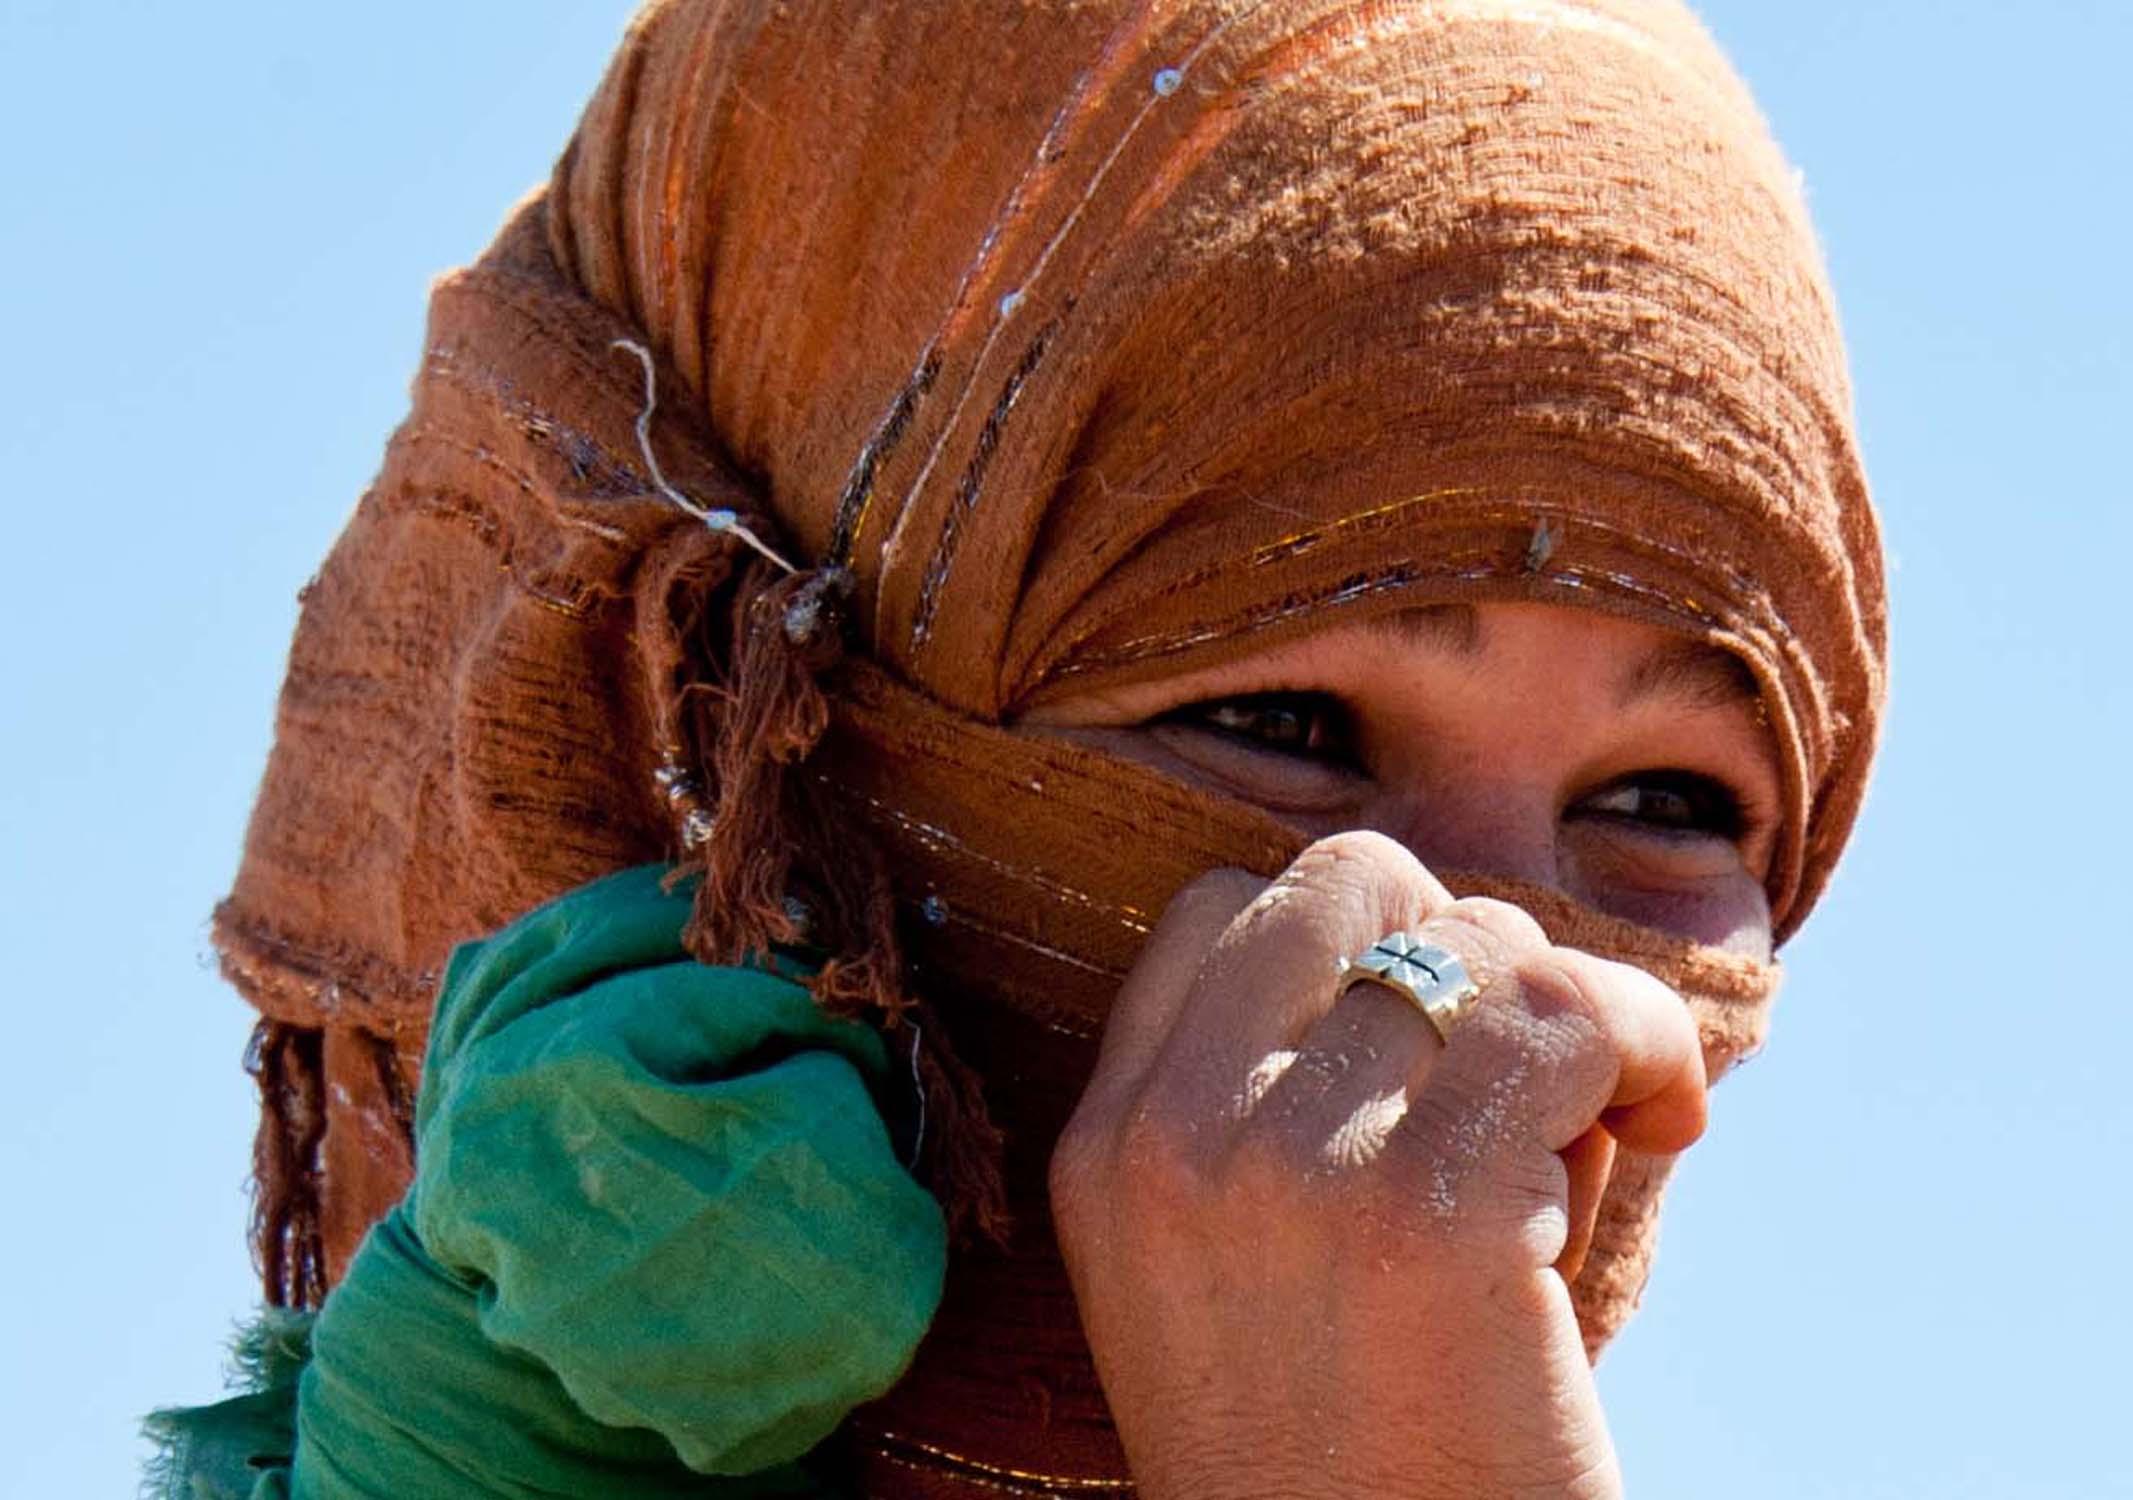 Marocco - donna nomade nell'Erg Chebbi